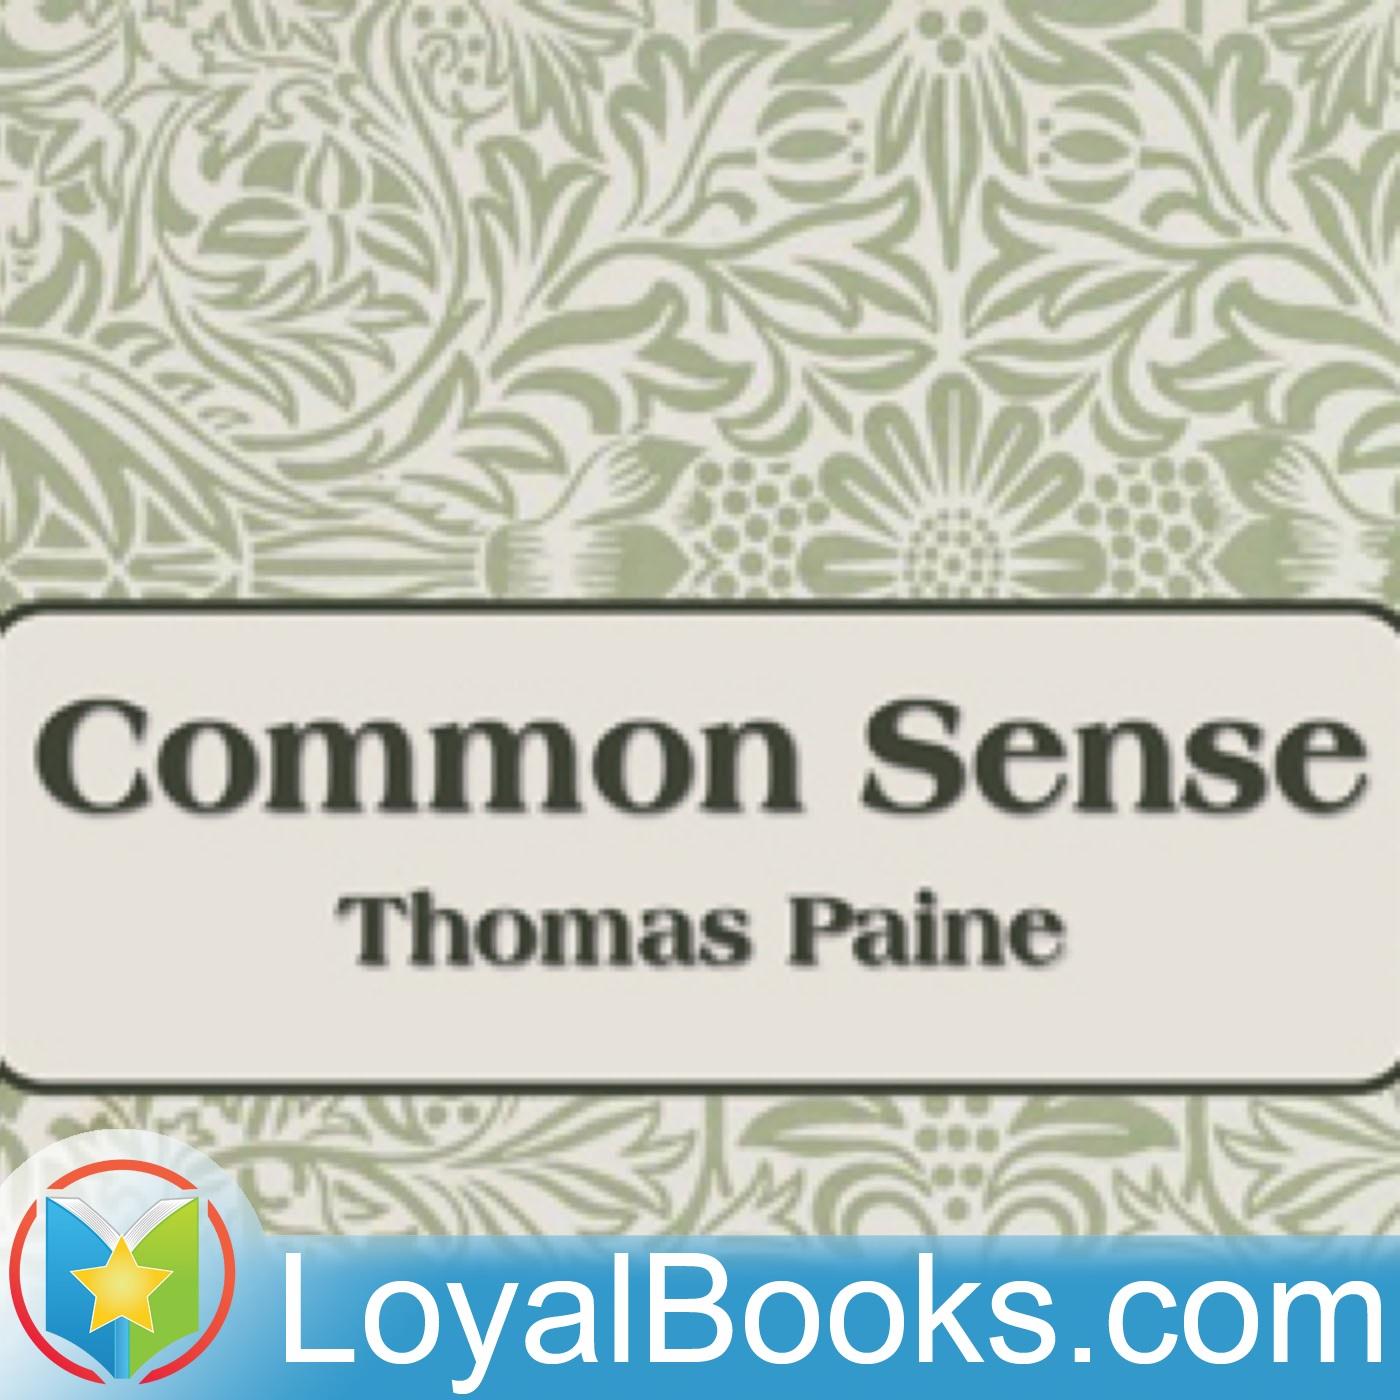 <![CDATA[Common Sense by Thomas Paine]]>